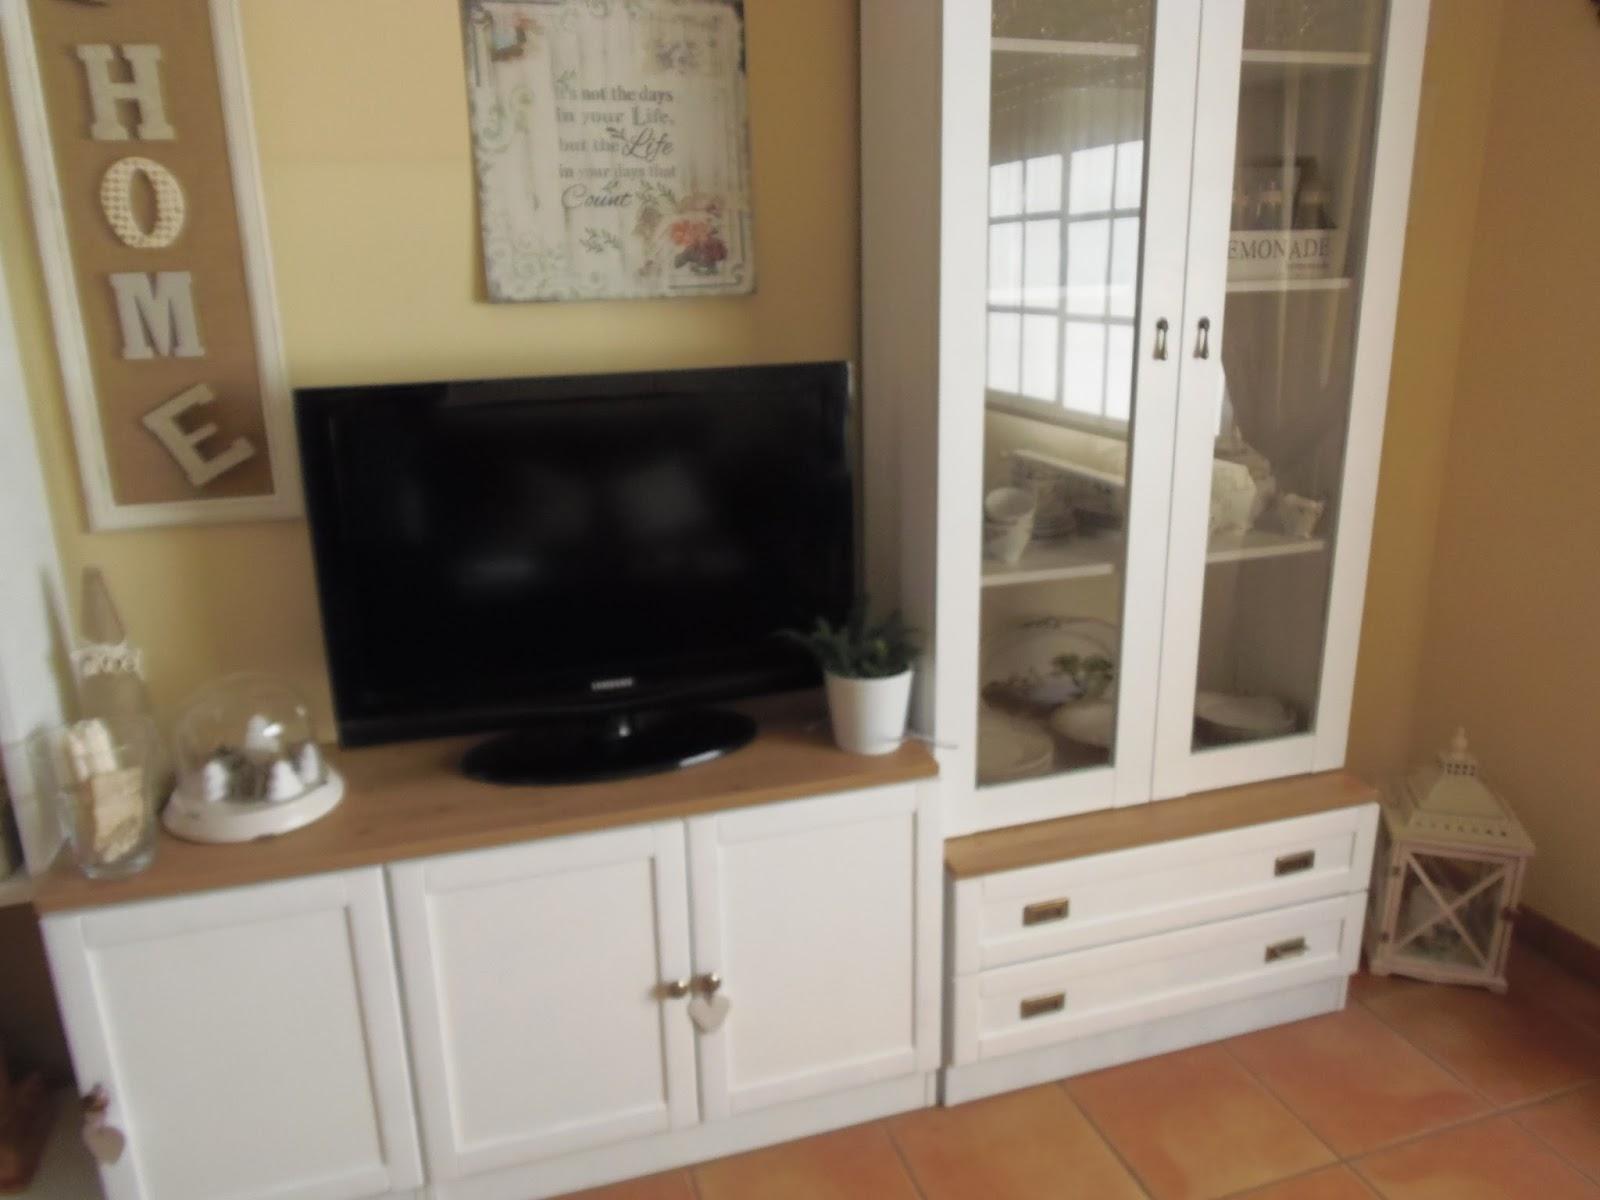 Lascosasdeleni tuneo mueble y feliz navidad - Pintar muebles lacados en blanco ...